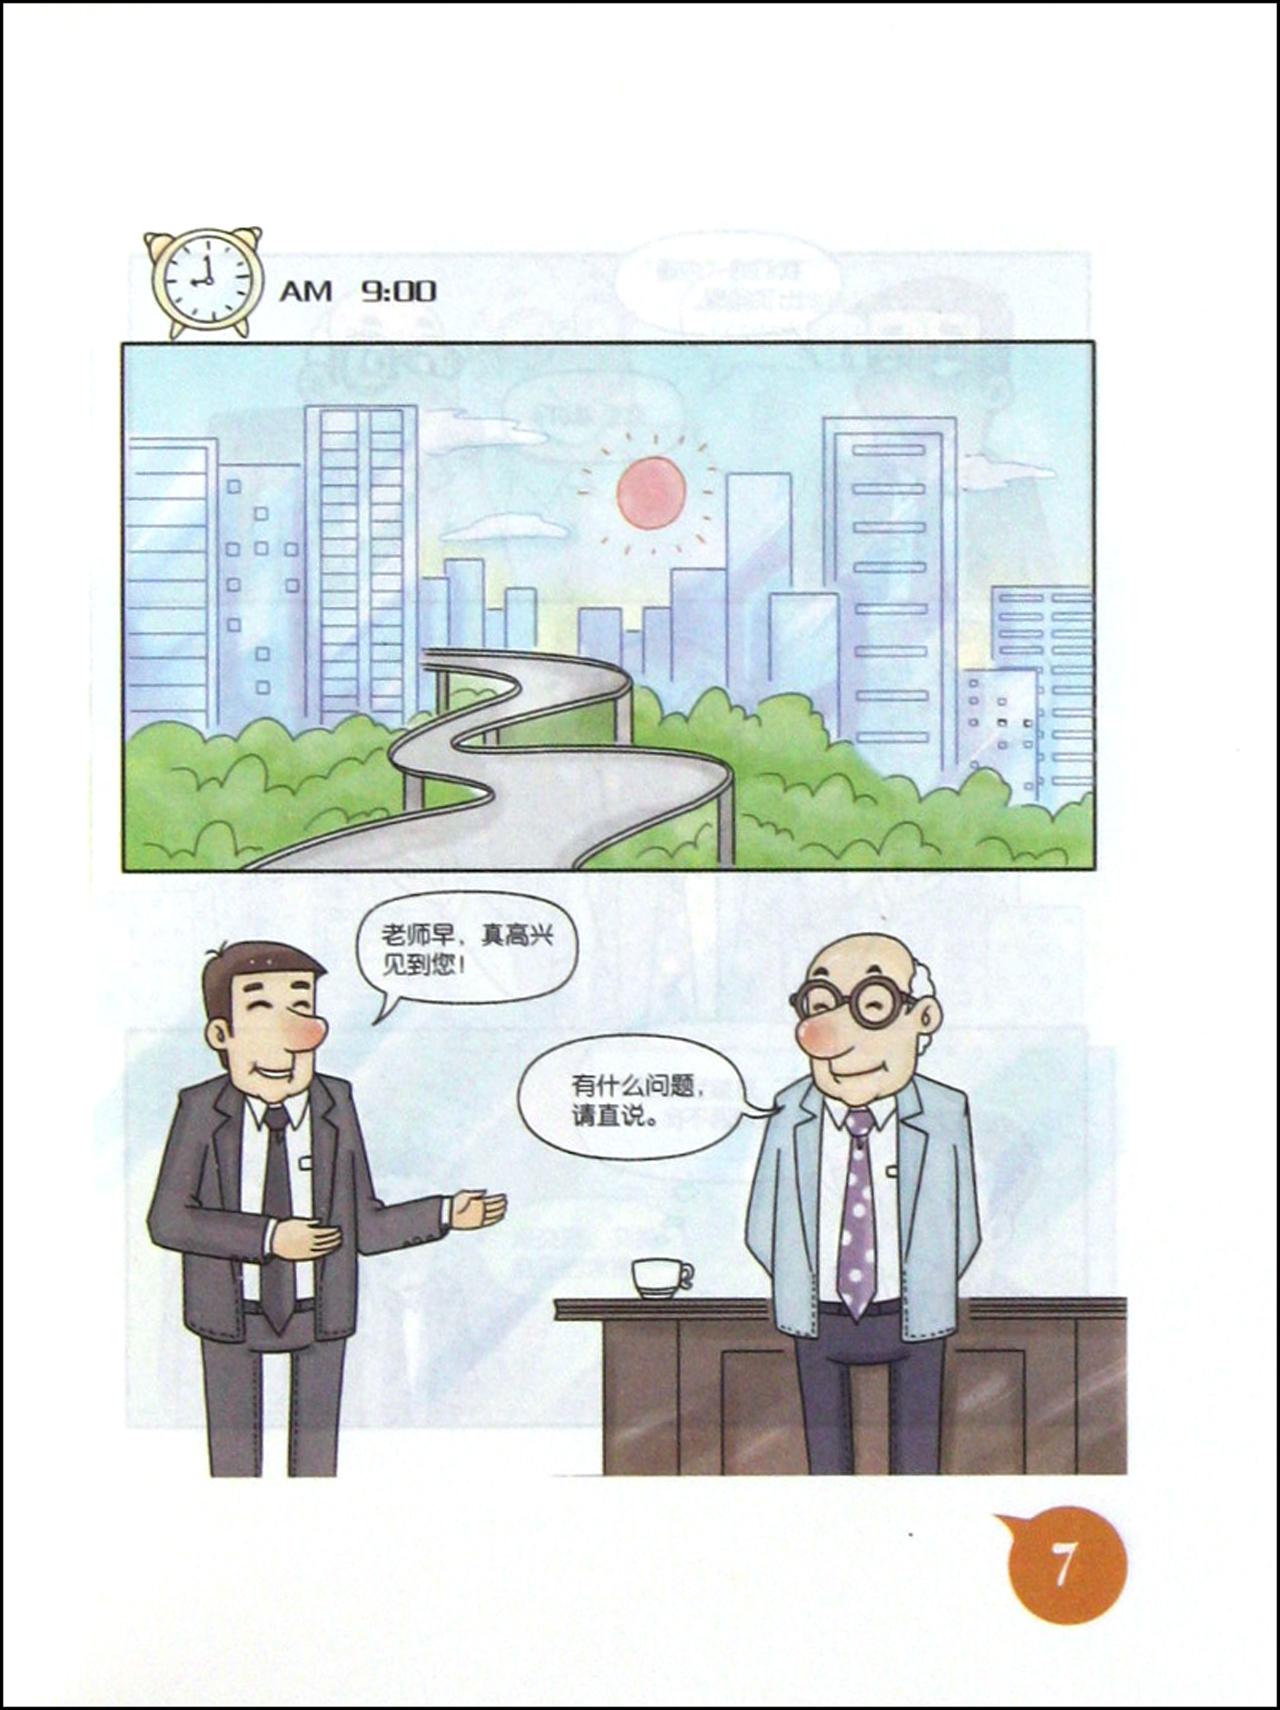 《杜老师的沟通/德鲁克管理思想漫画丛书》詹文明图片